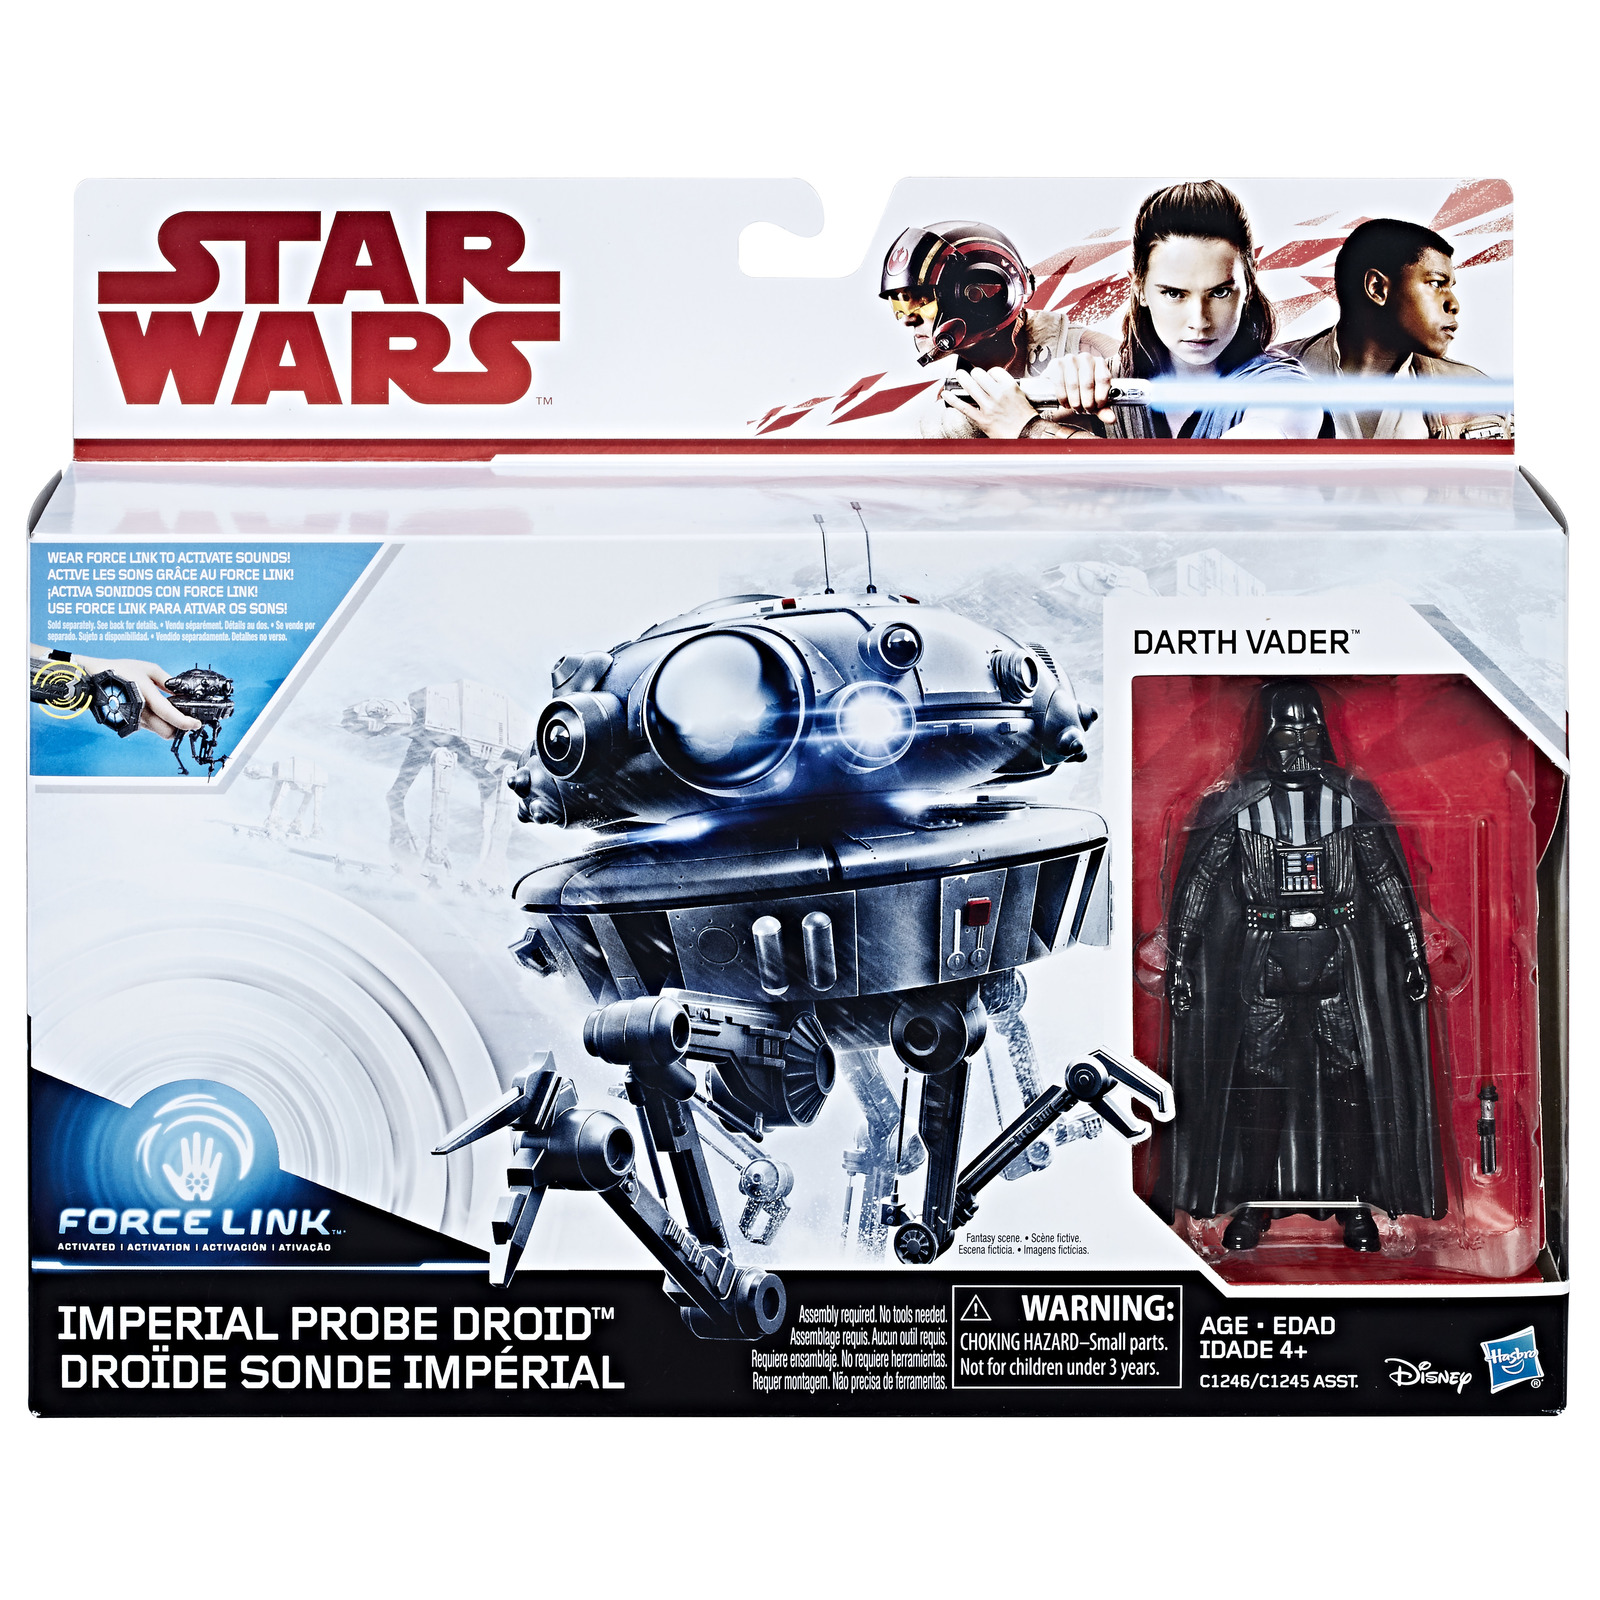 Star Wars: Force Link Figure - Droid & Darth Vader 2 Pack image